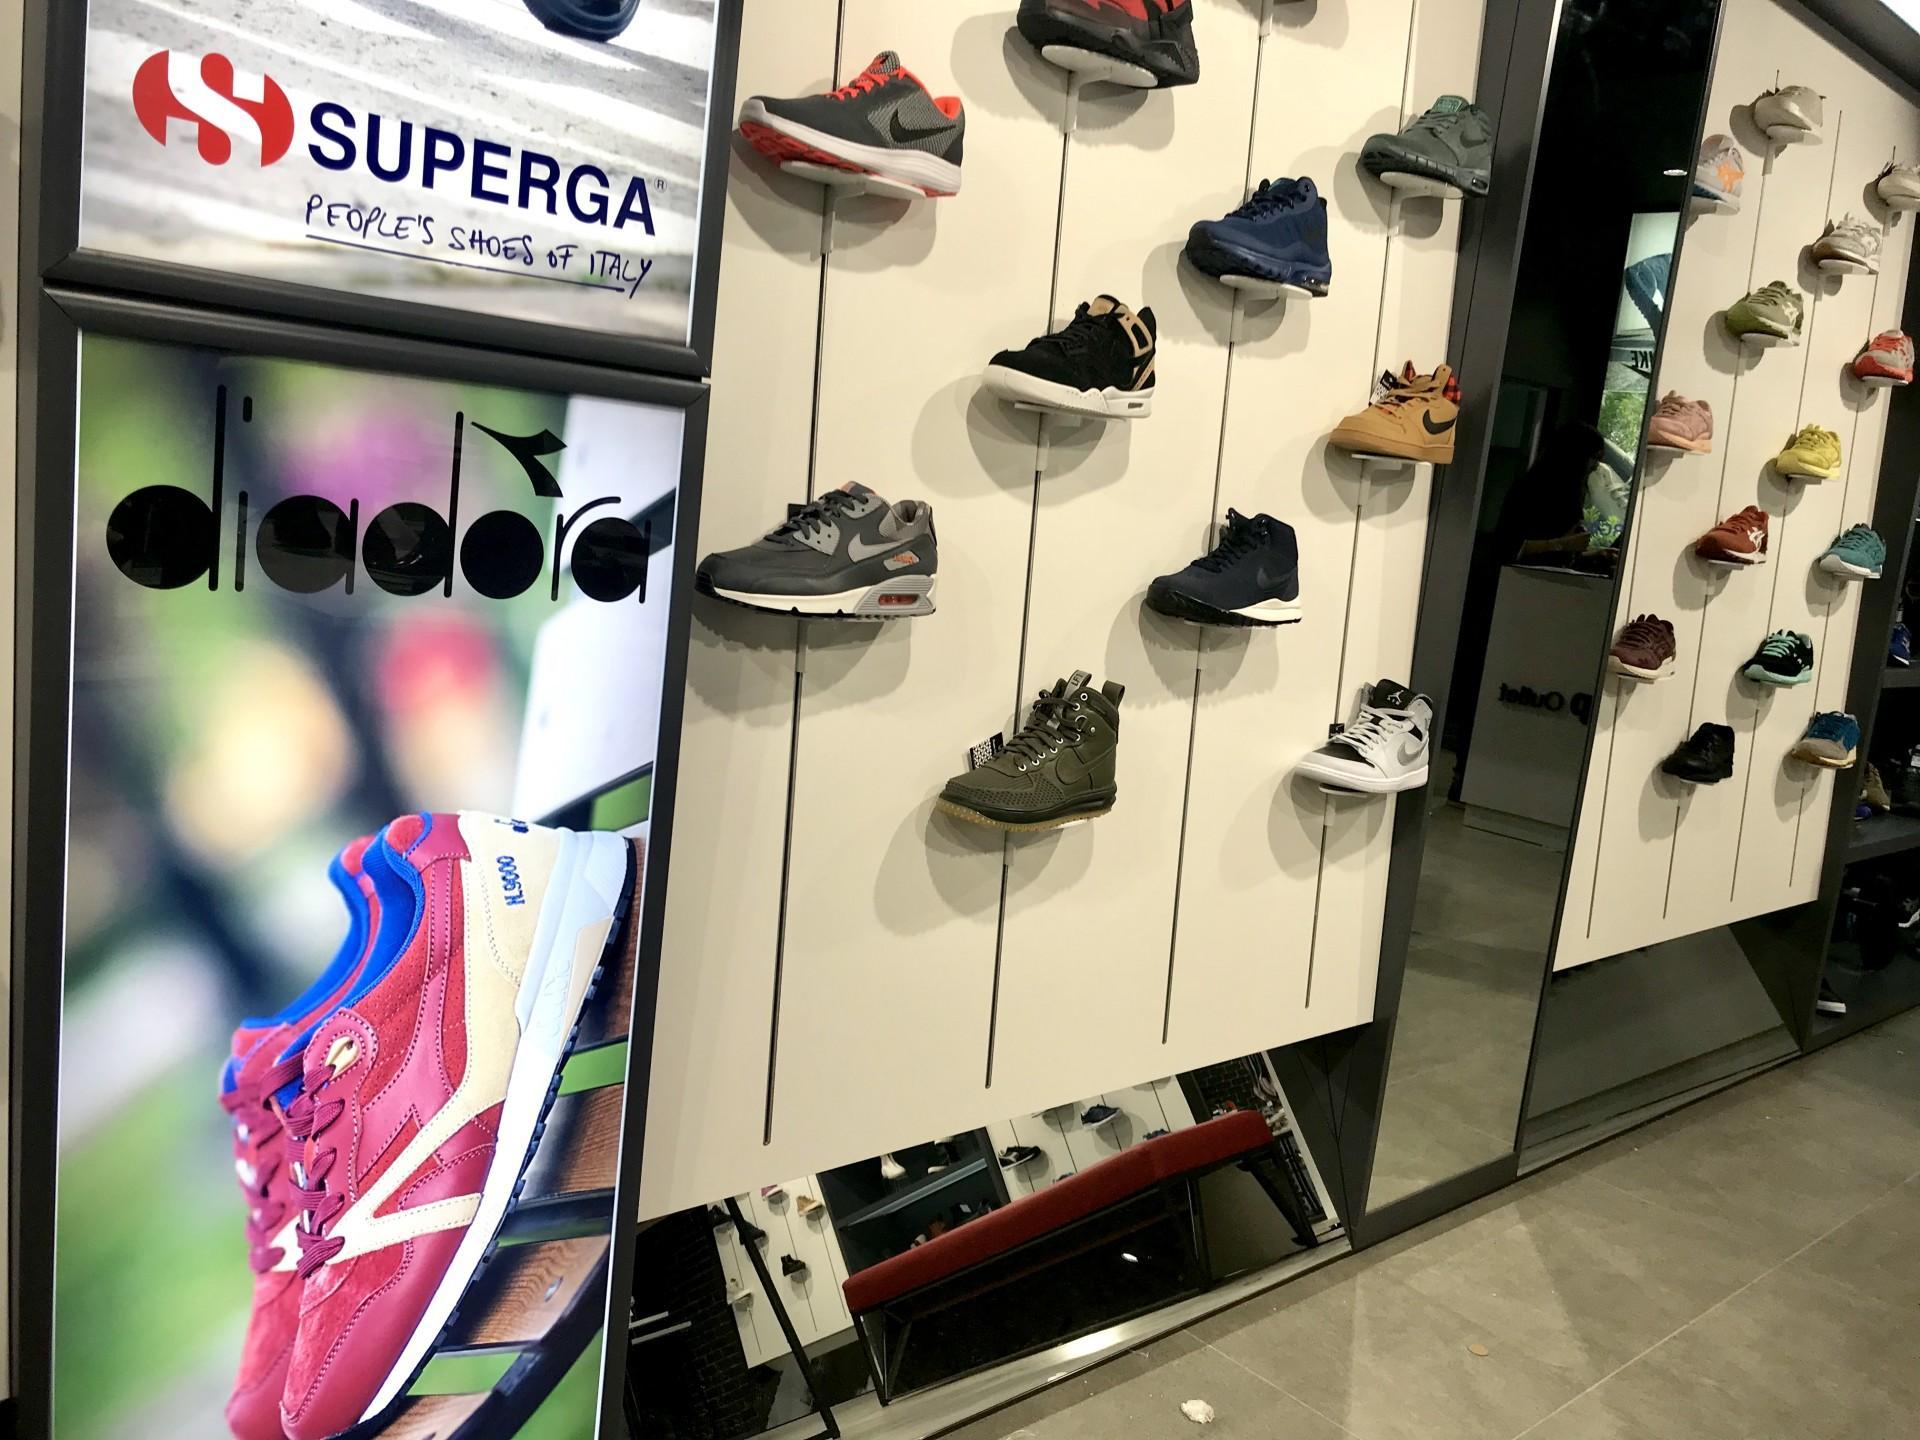 Довідка. SuperStep – міжнародна мережа взуттєвих мультибрендових магазинів  сегмента sport-casual і lifestyle fd56354537ea2